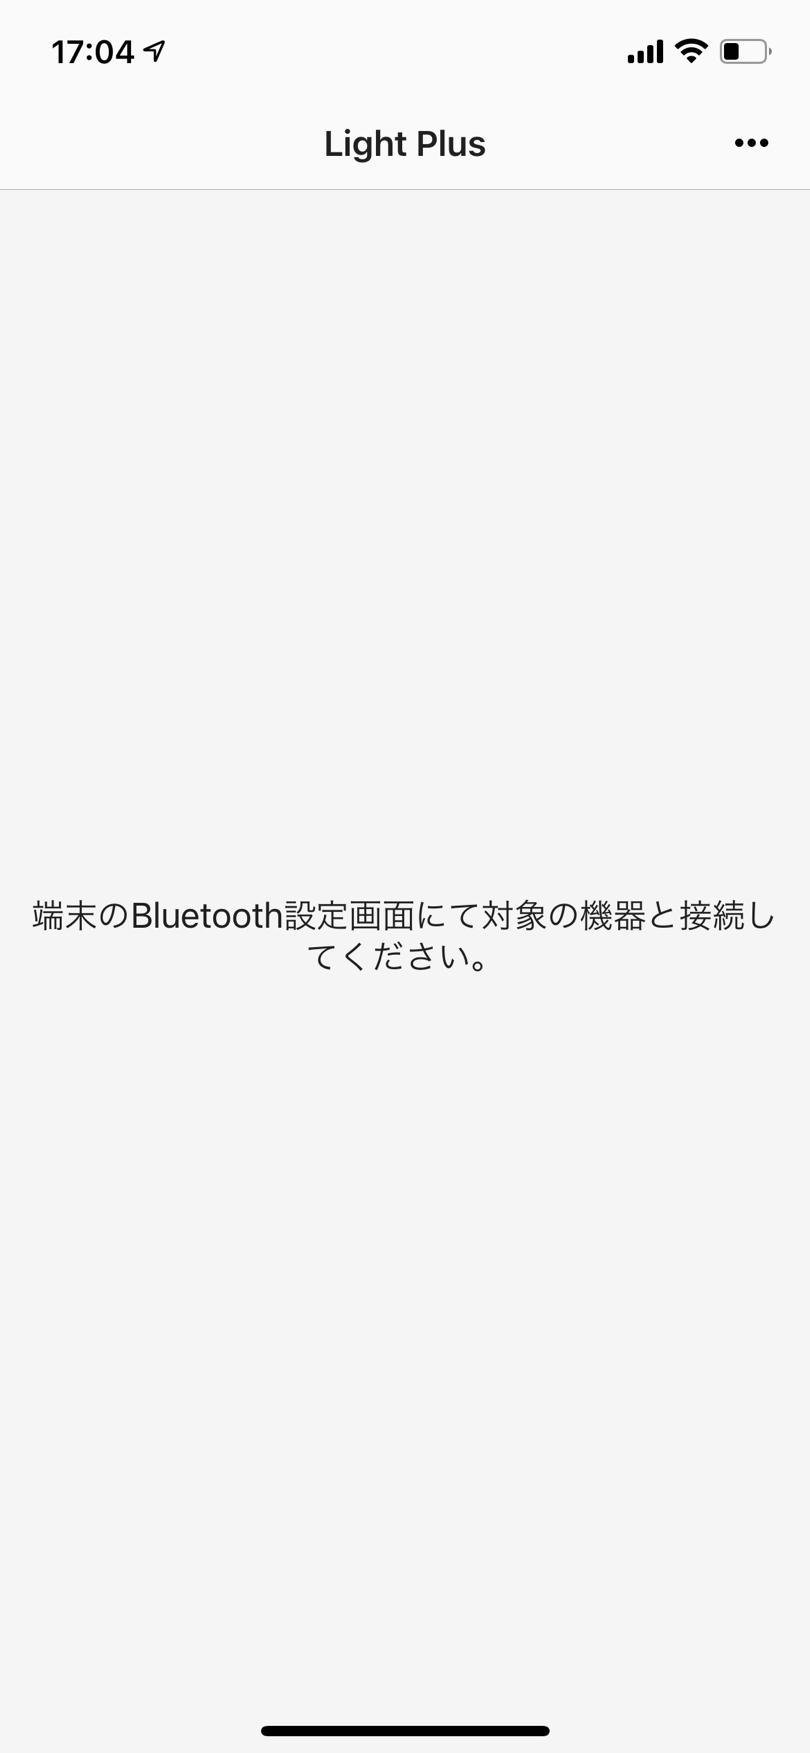 アプリの案内に従いBluetooth接続